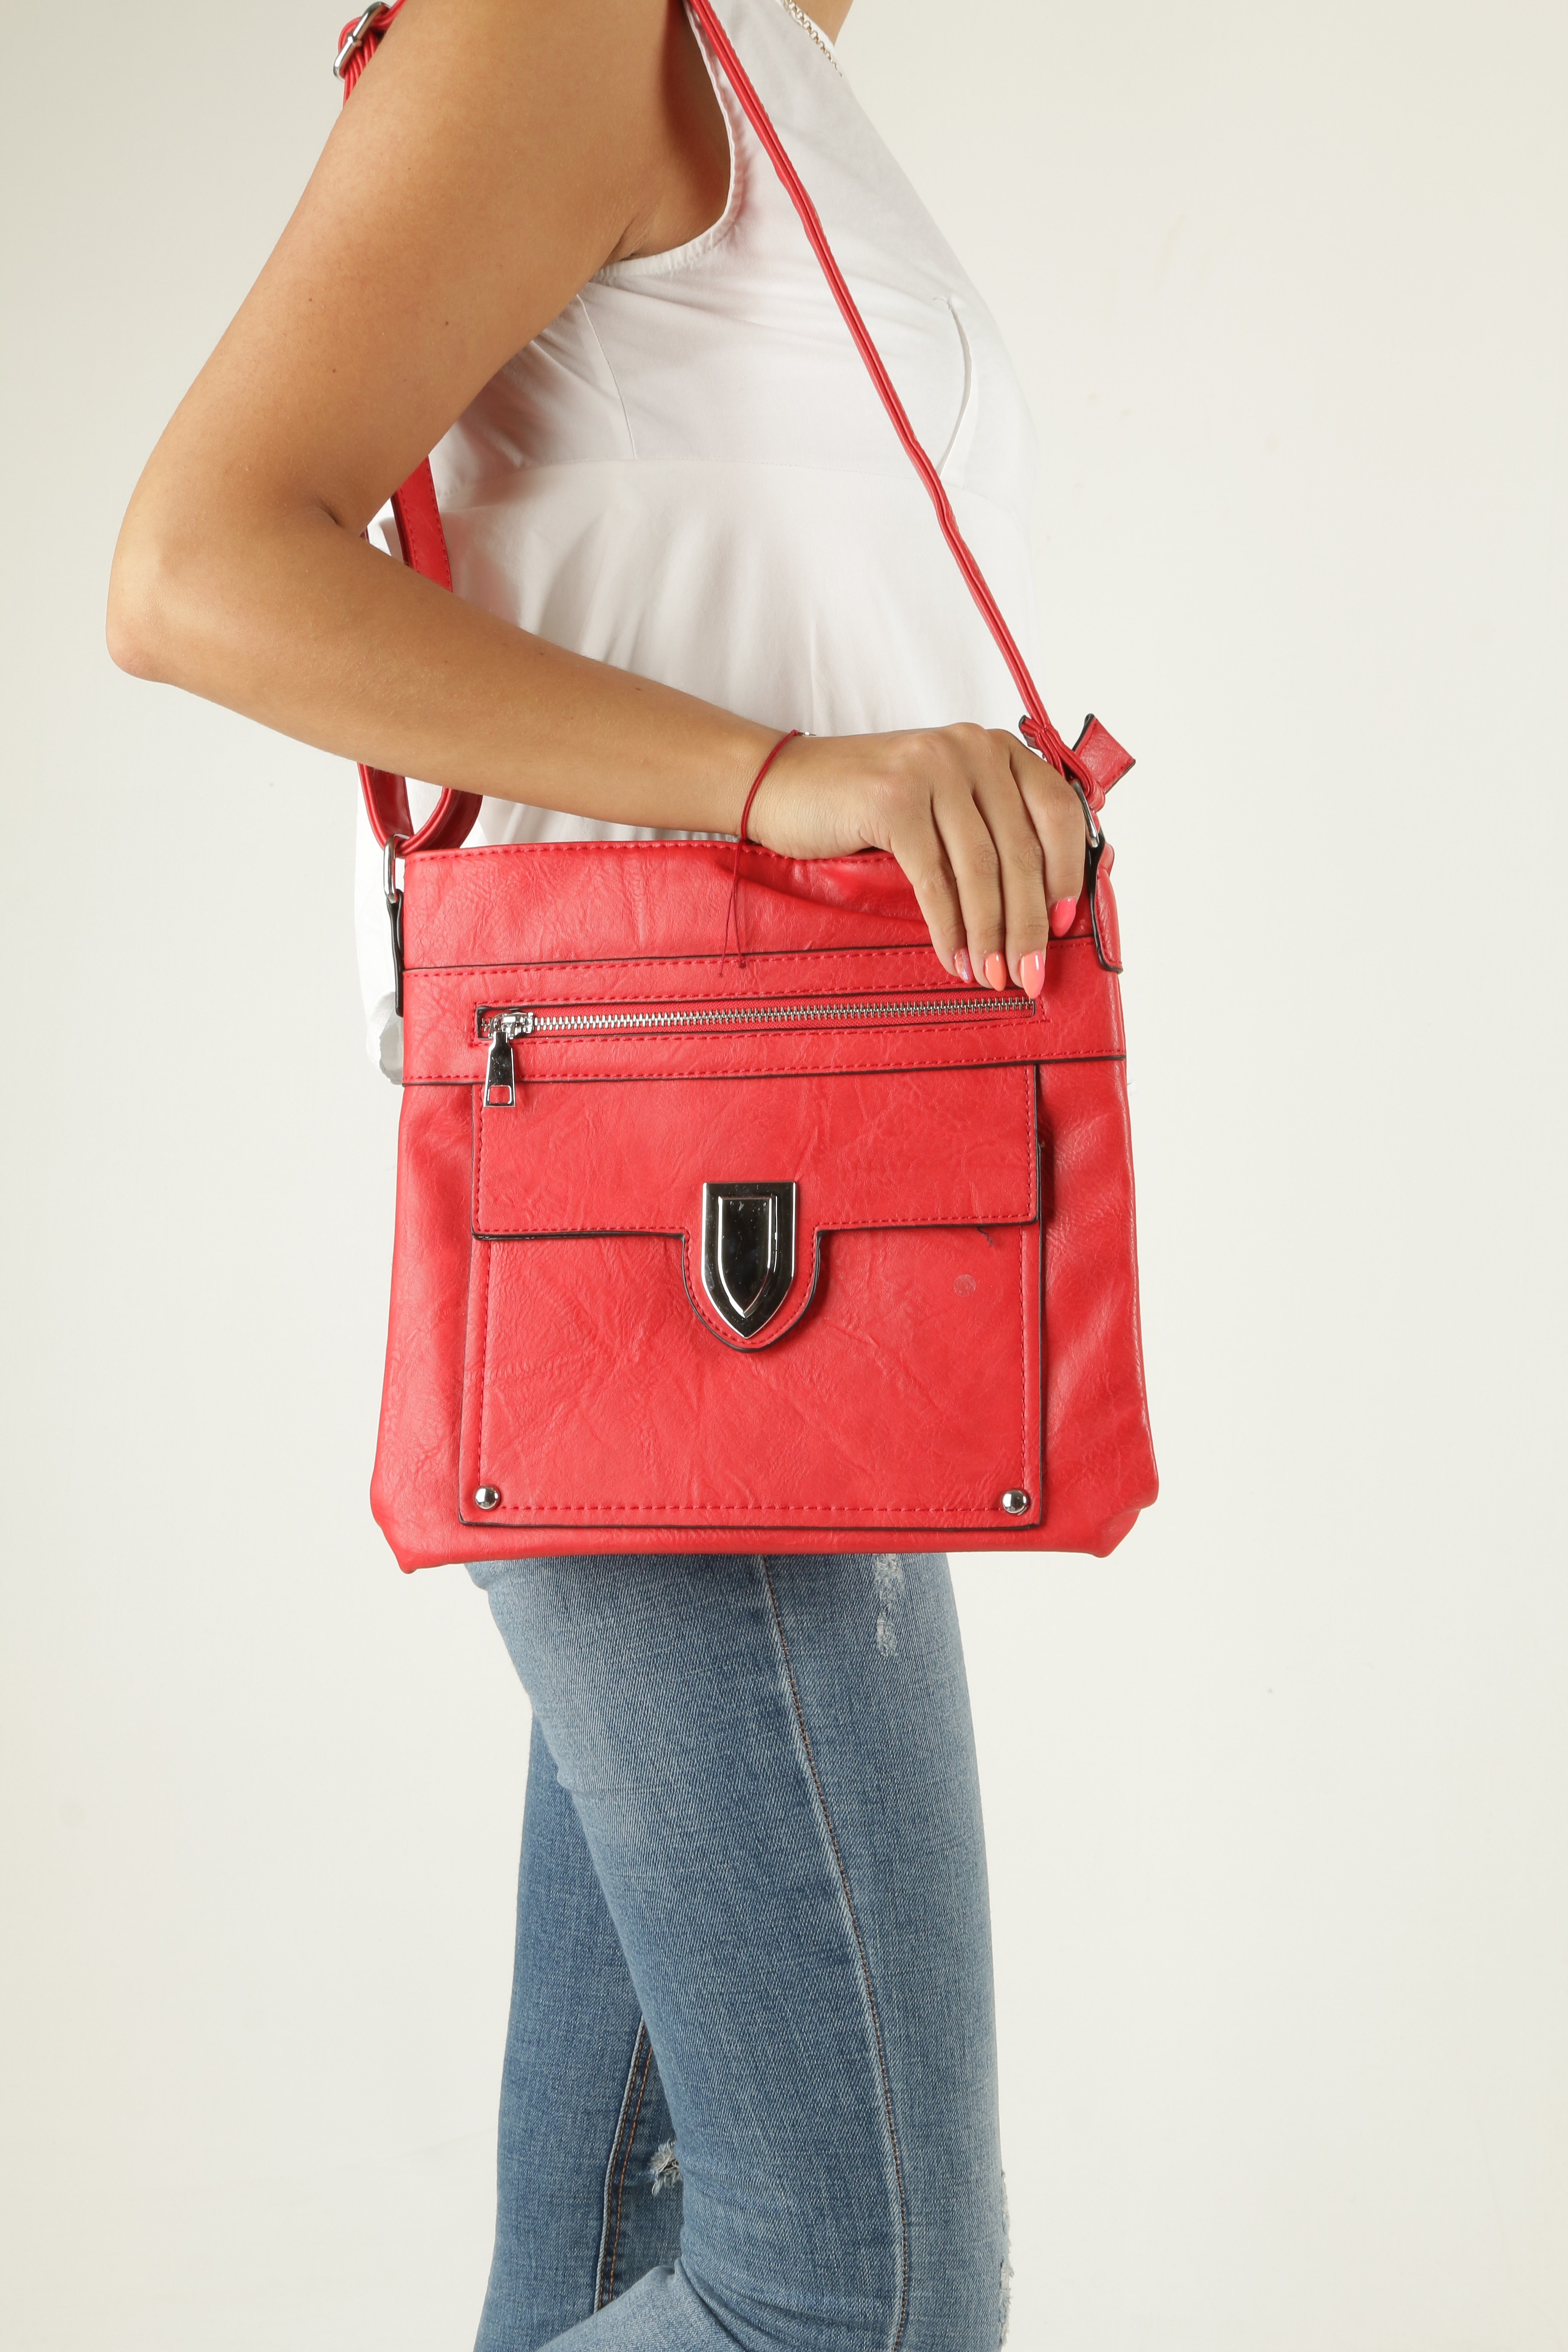 Czerwona torebka listonoszka z metalową ozdobą Casu D99